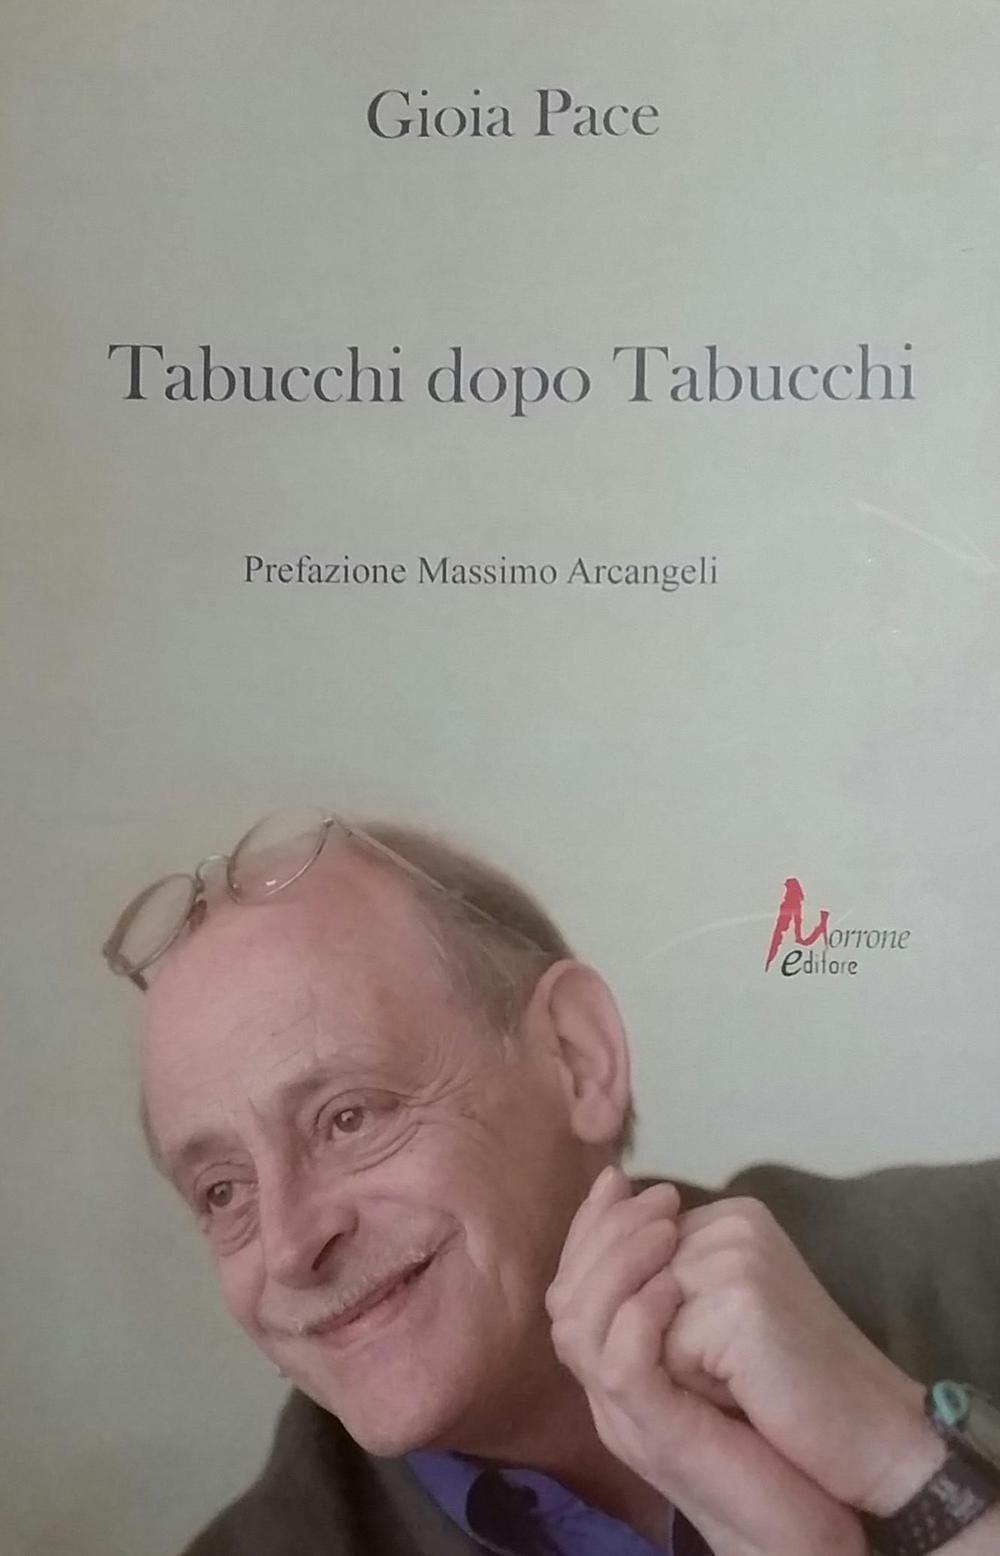 Tabucchi dopo Tabucchi